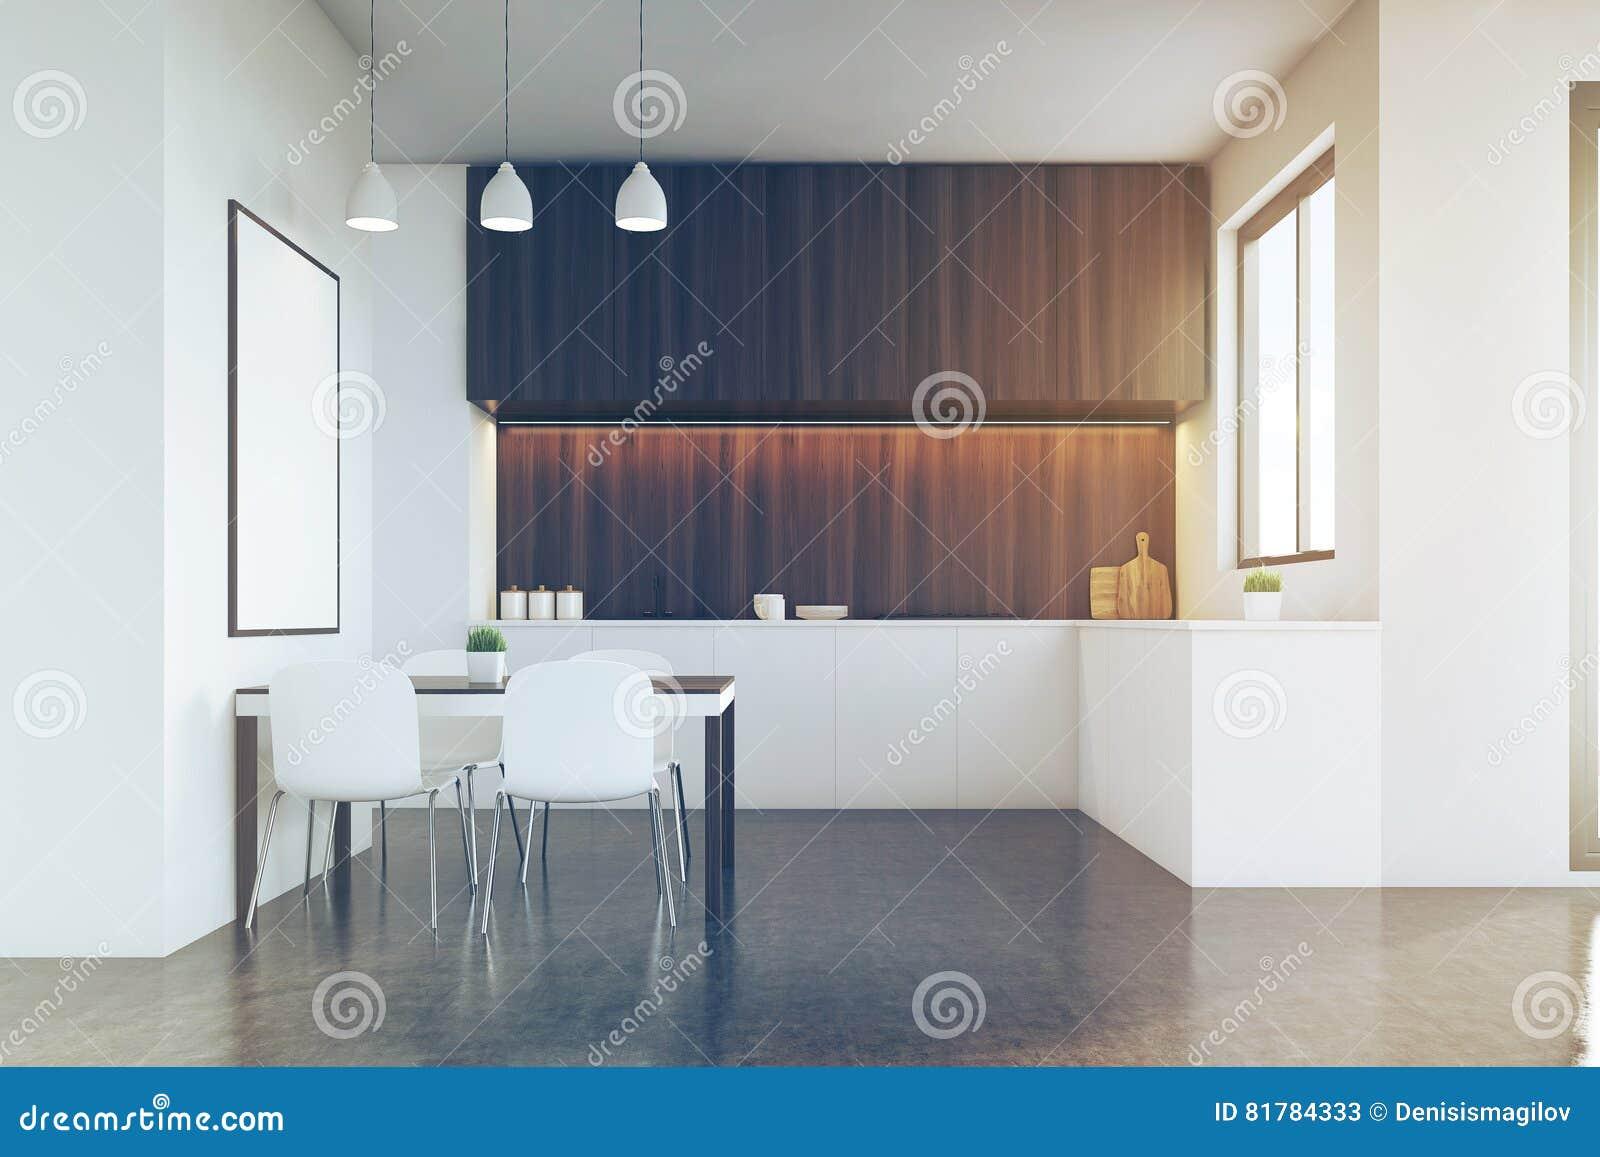 Cocinas Con Muebles Oscuros Cocina Retro Muebles Madera Barra  # Muebles Hielo Sur